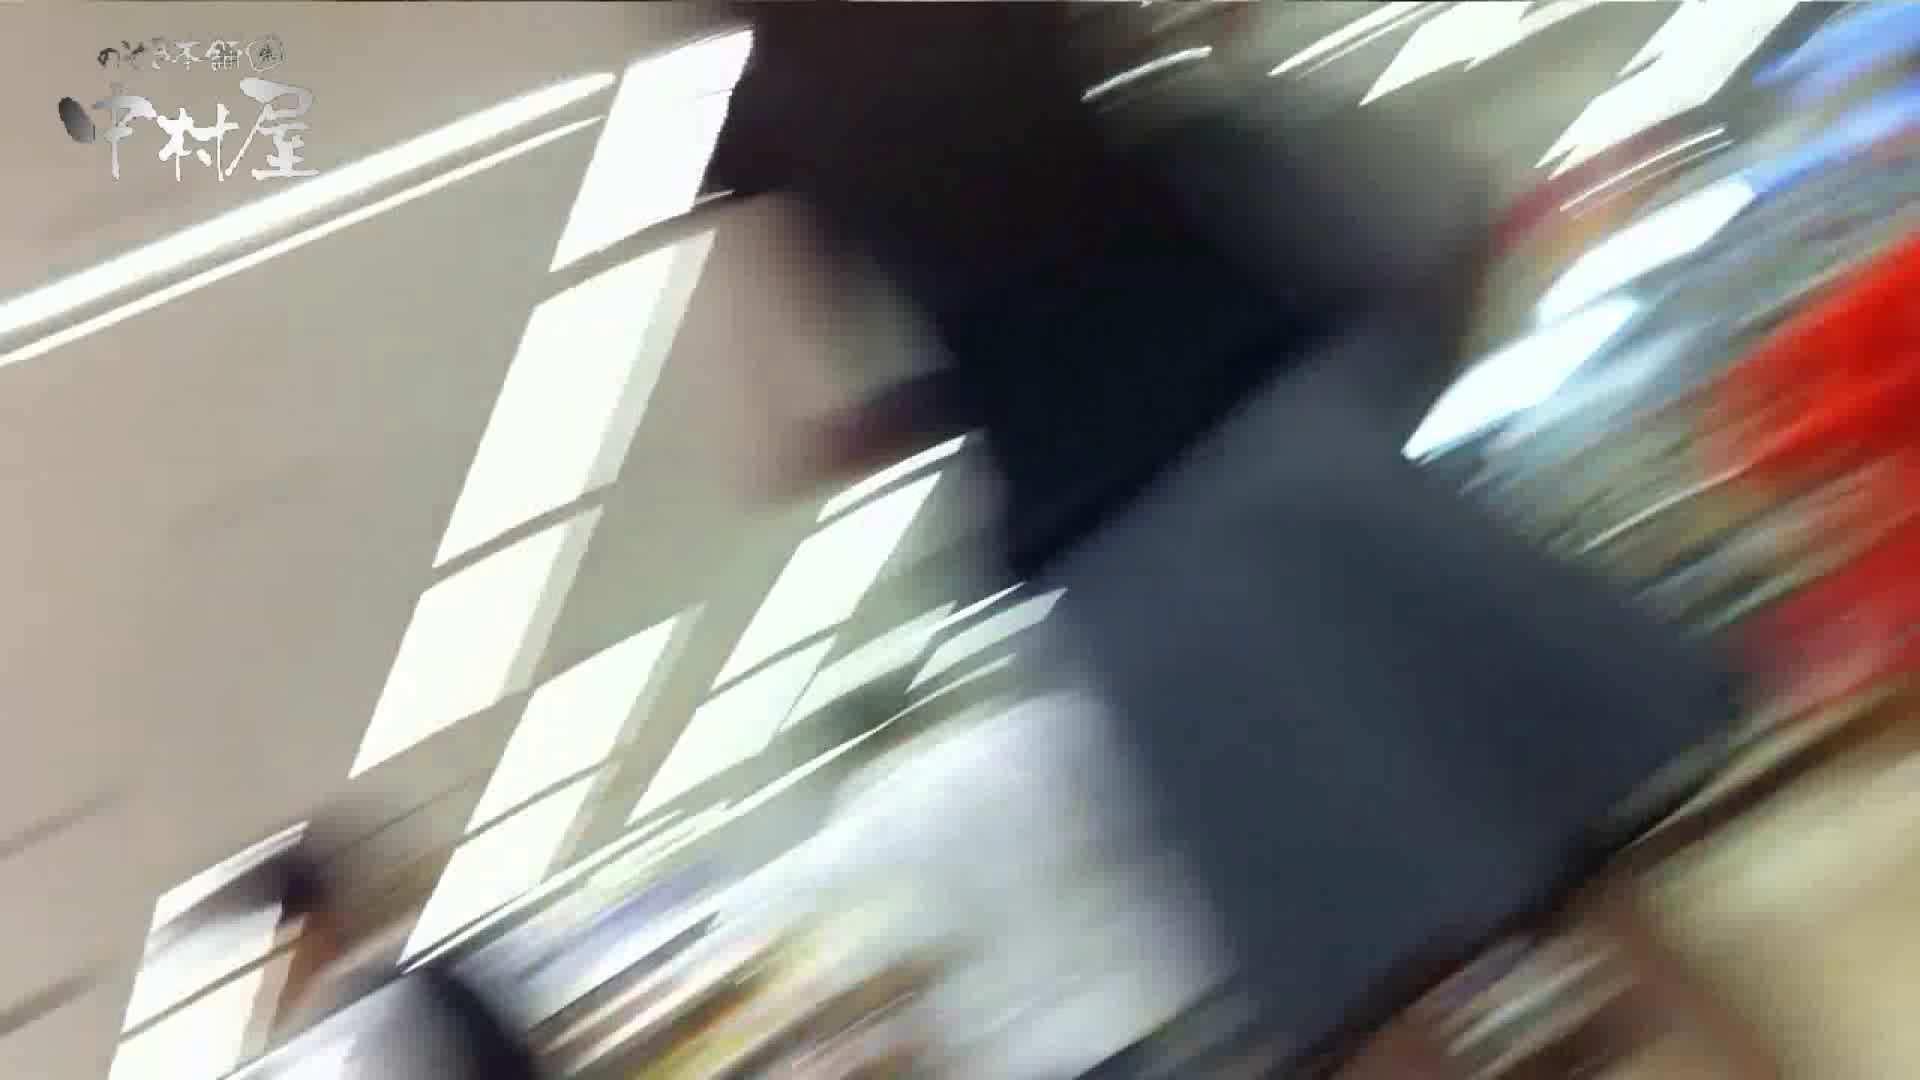 vol.46 可愛いカリスマ店員胸チラ&パンチラ モリマン! チラ 覗きスケベ動画紹介 76画像 47